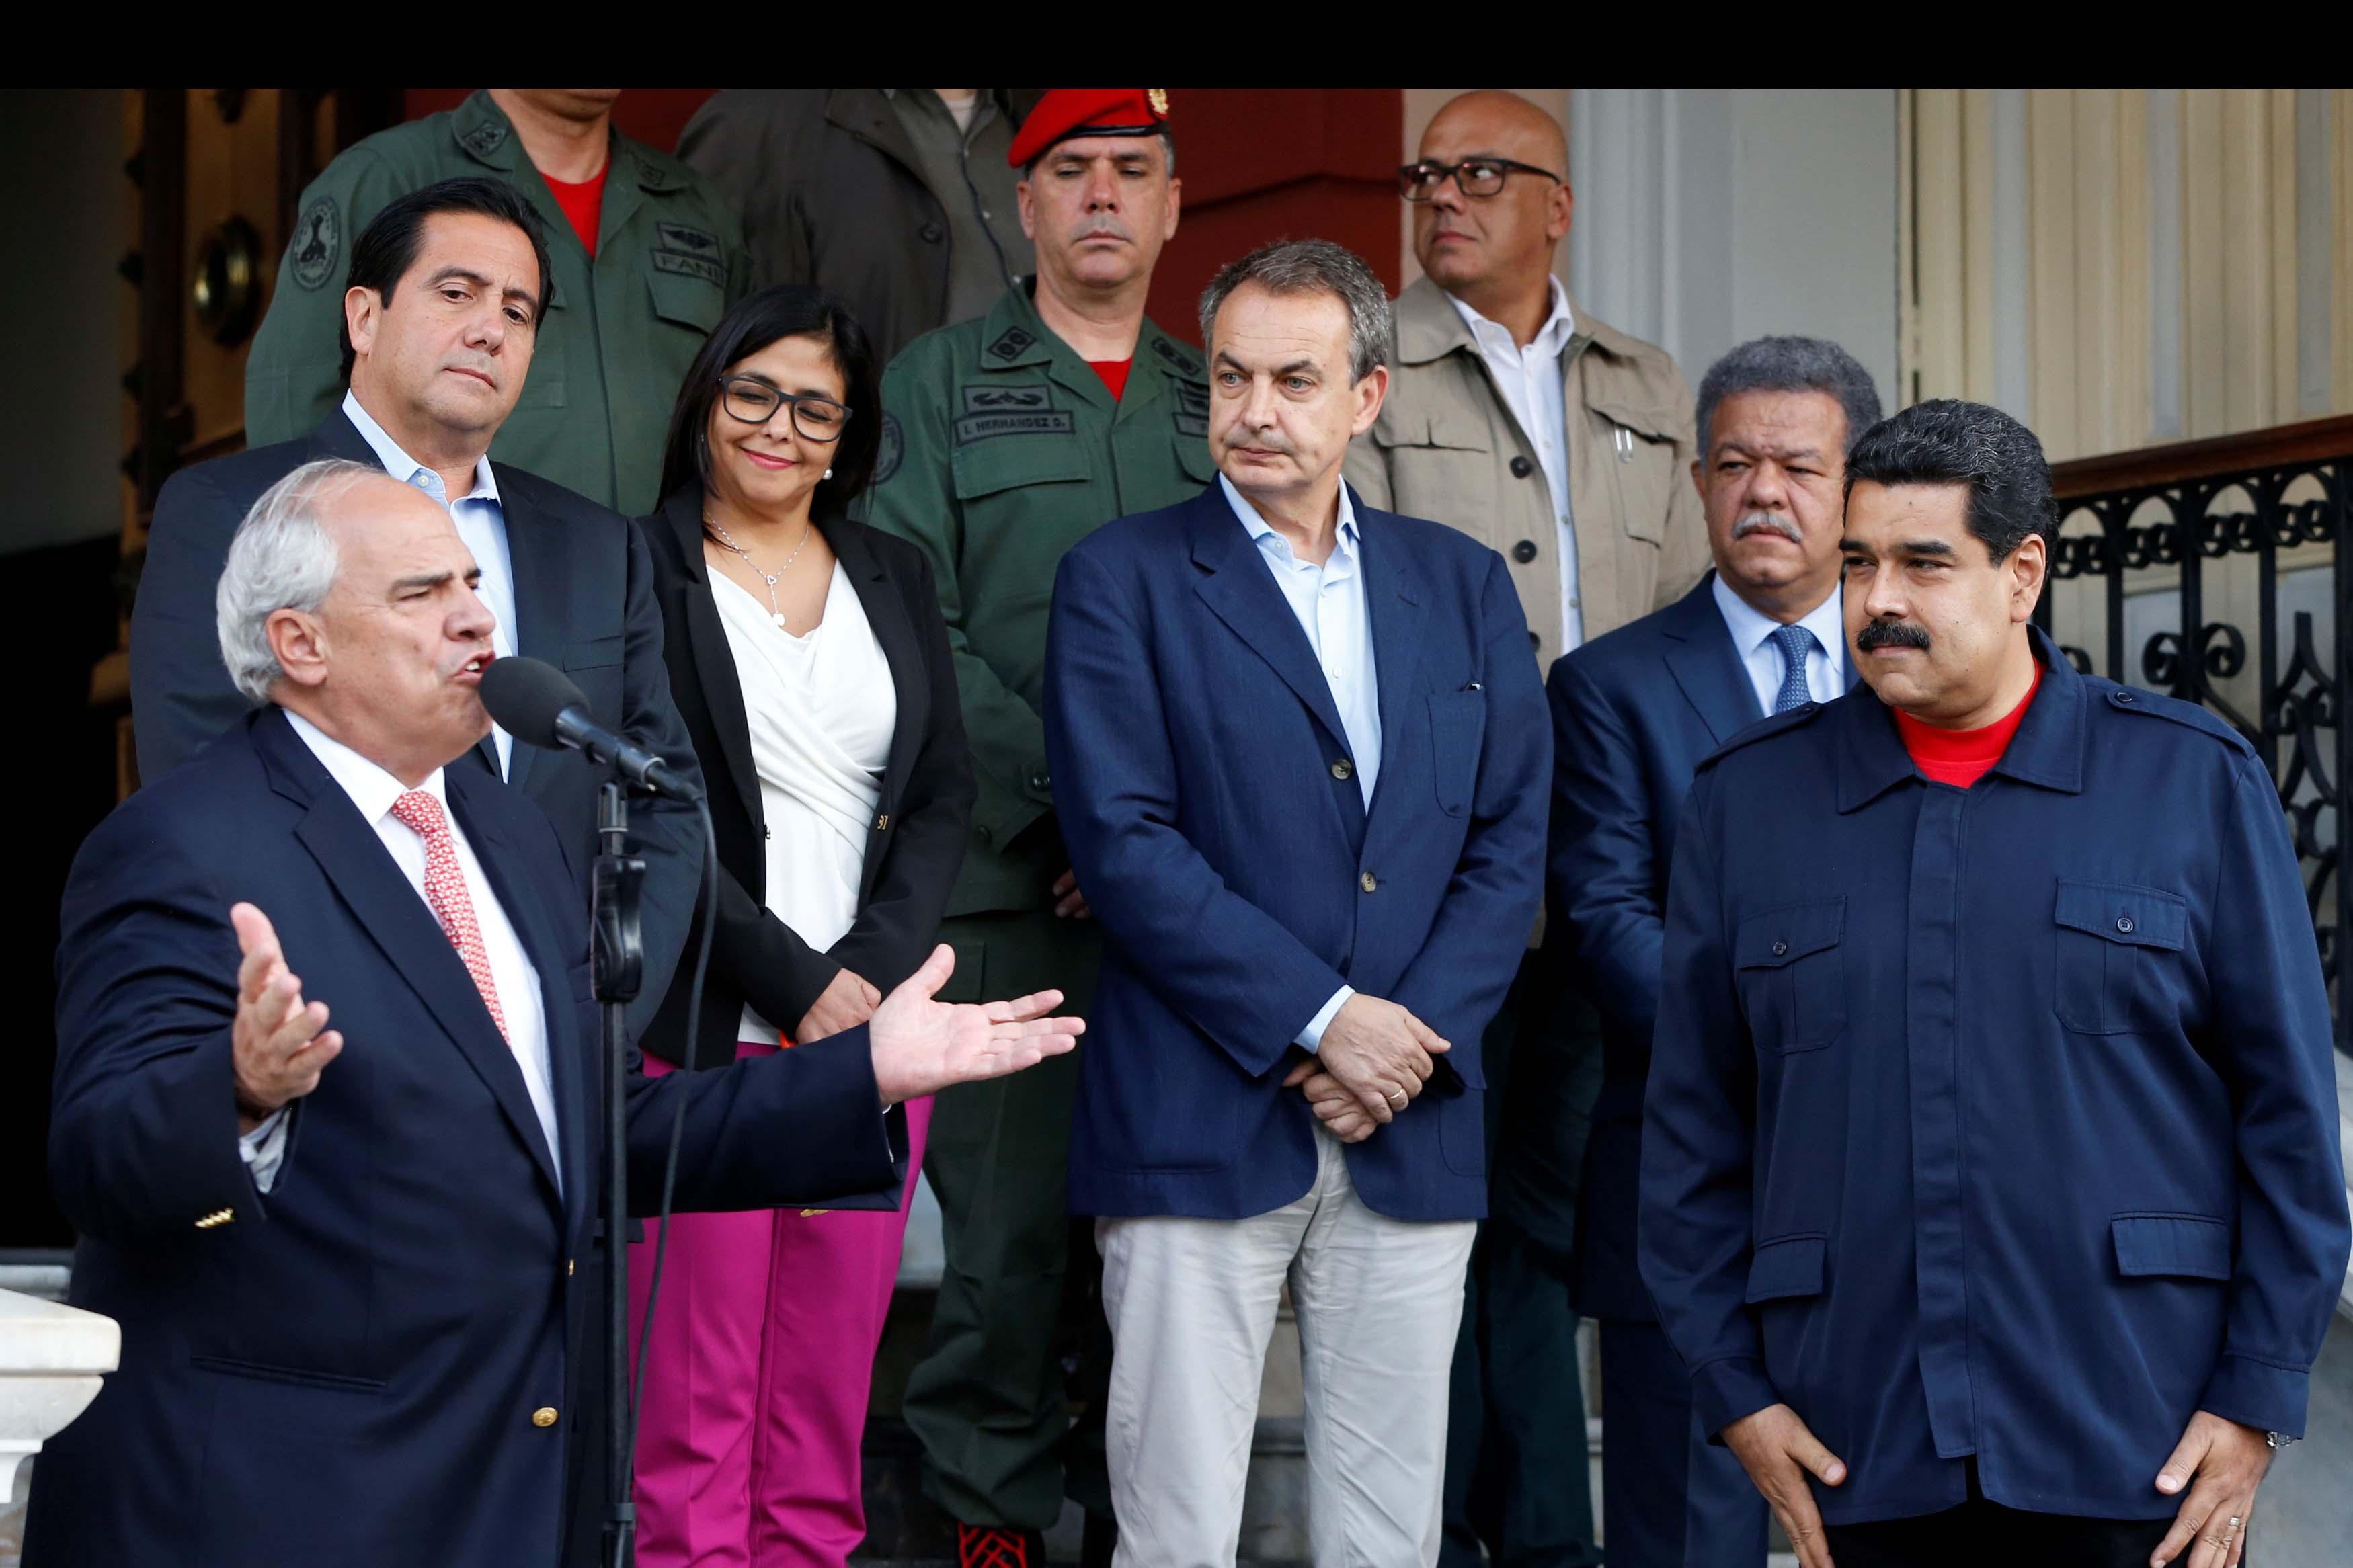 Ernesto Samper, anunció que el gobierno venezolano y la oposición aceptaron la presencia de la Santa Sede durante las conversaciones